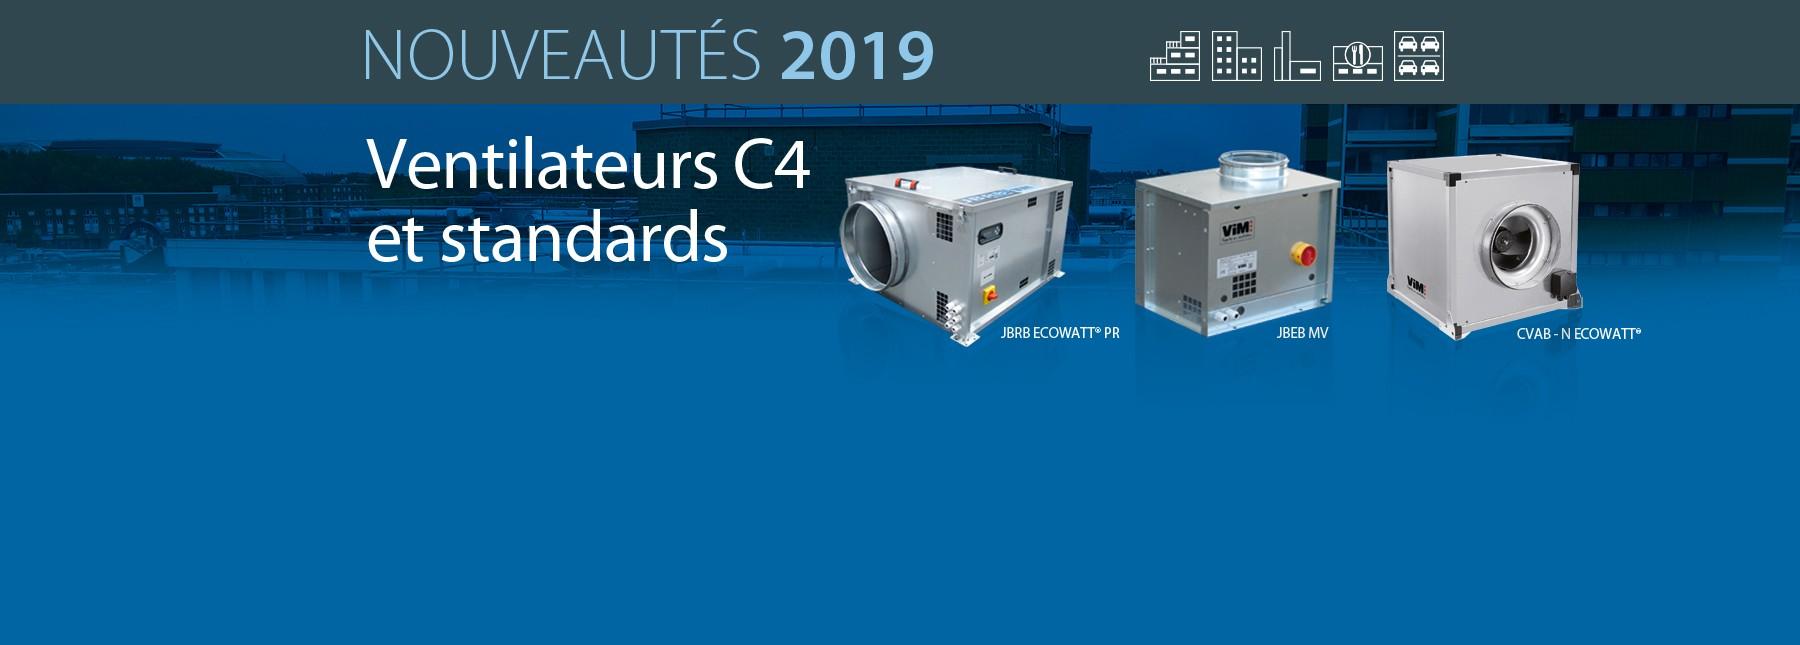 Nouveautés Ventilateurs C4 et Standards